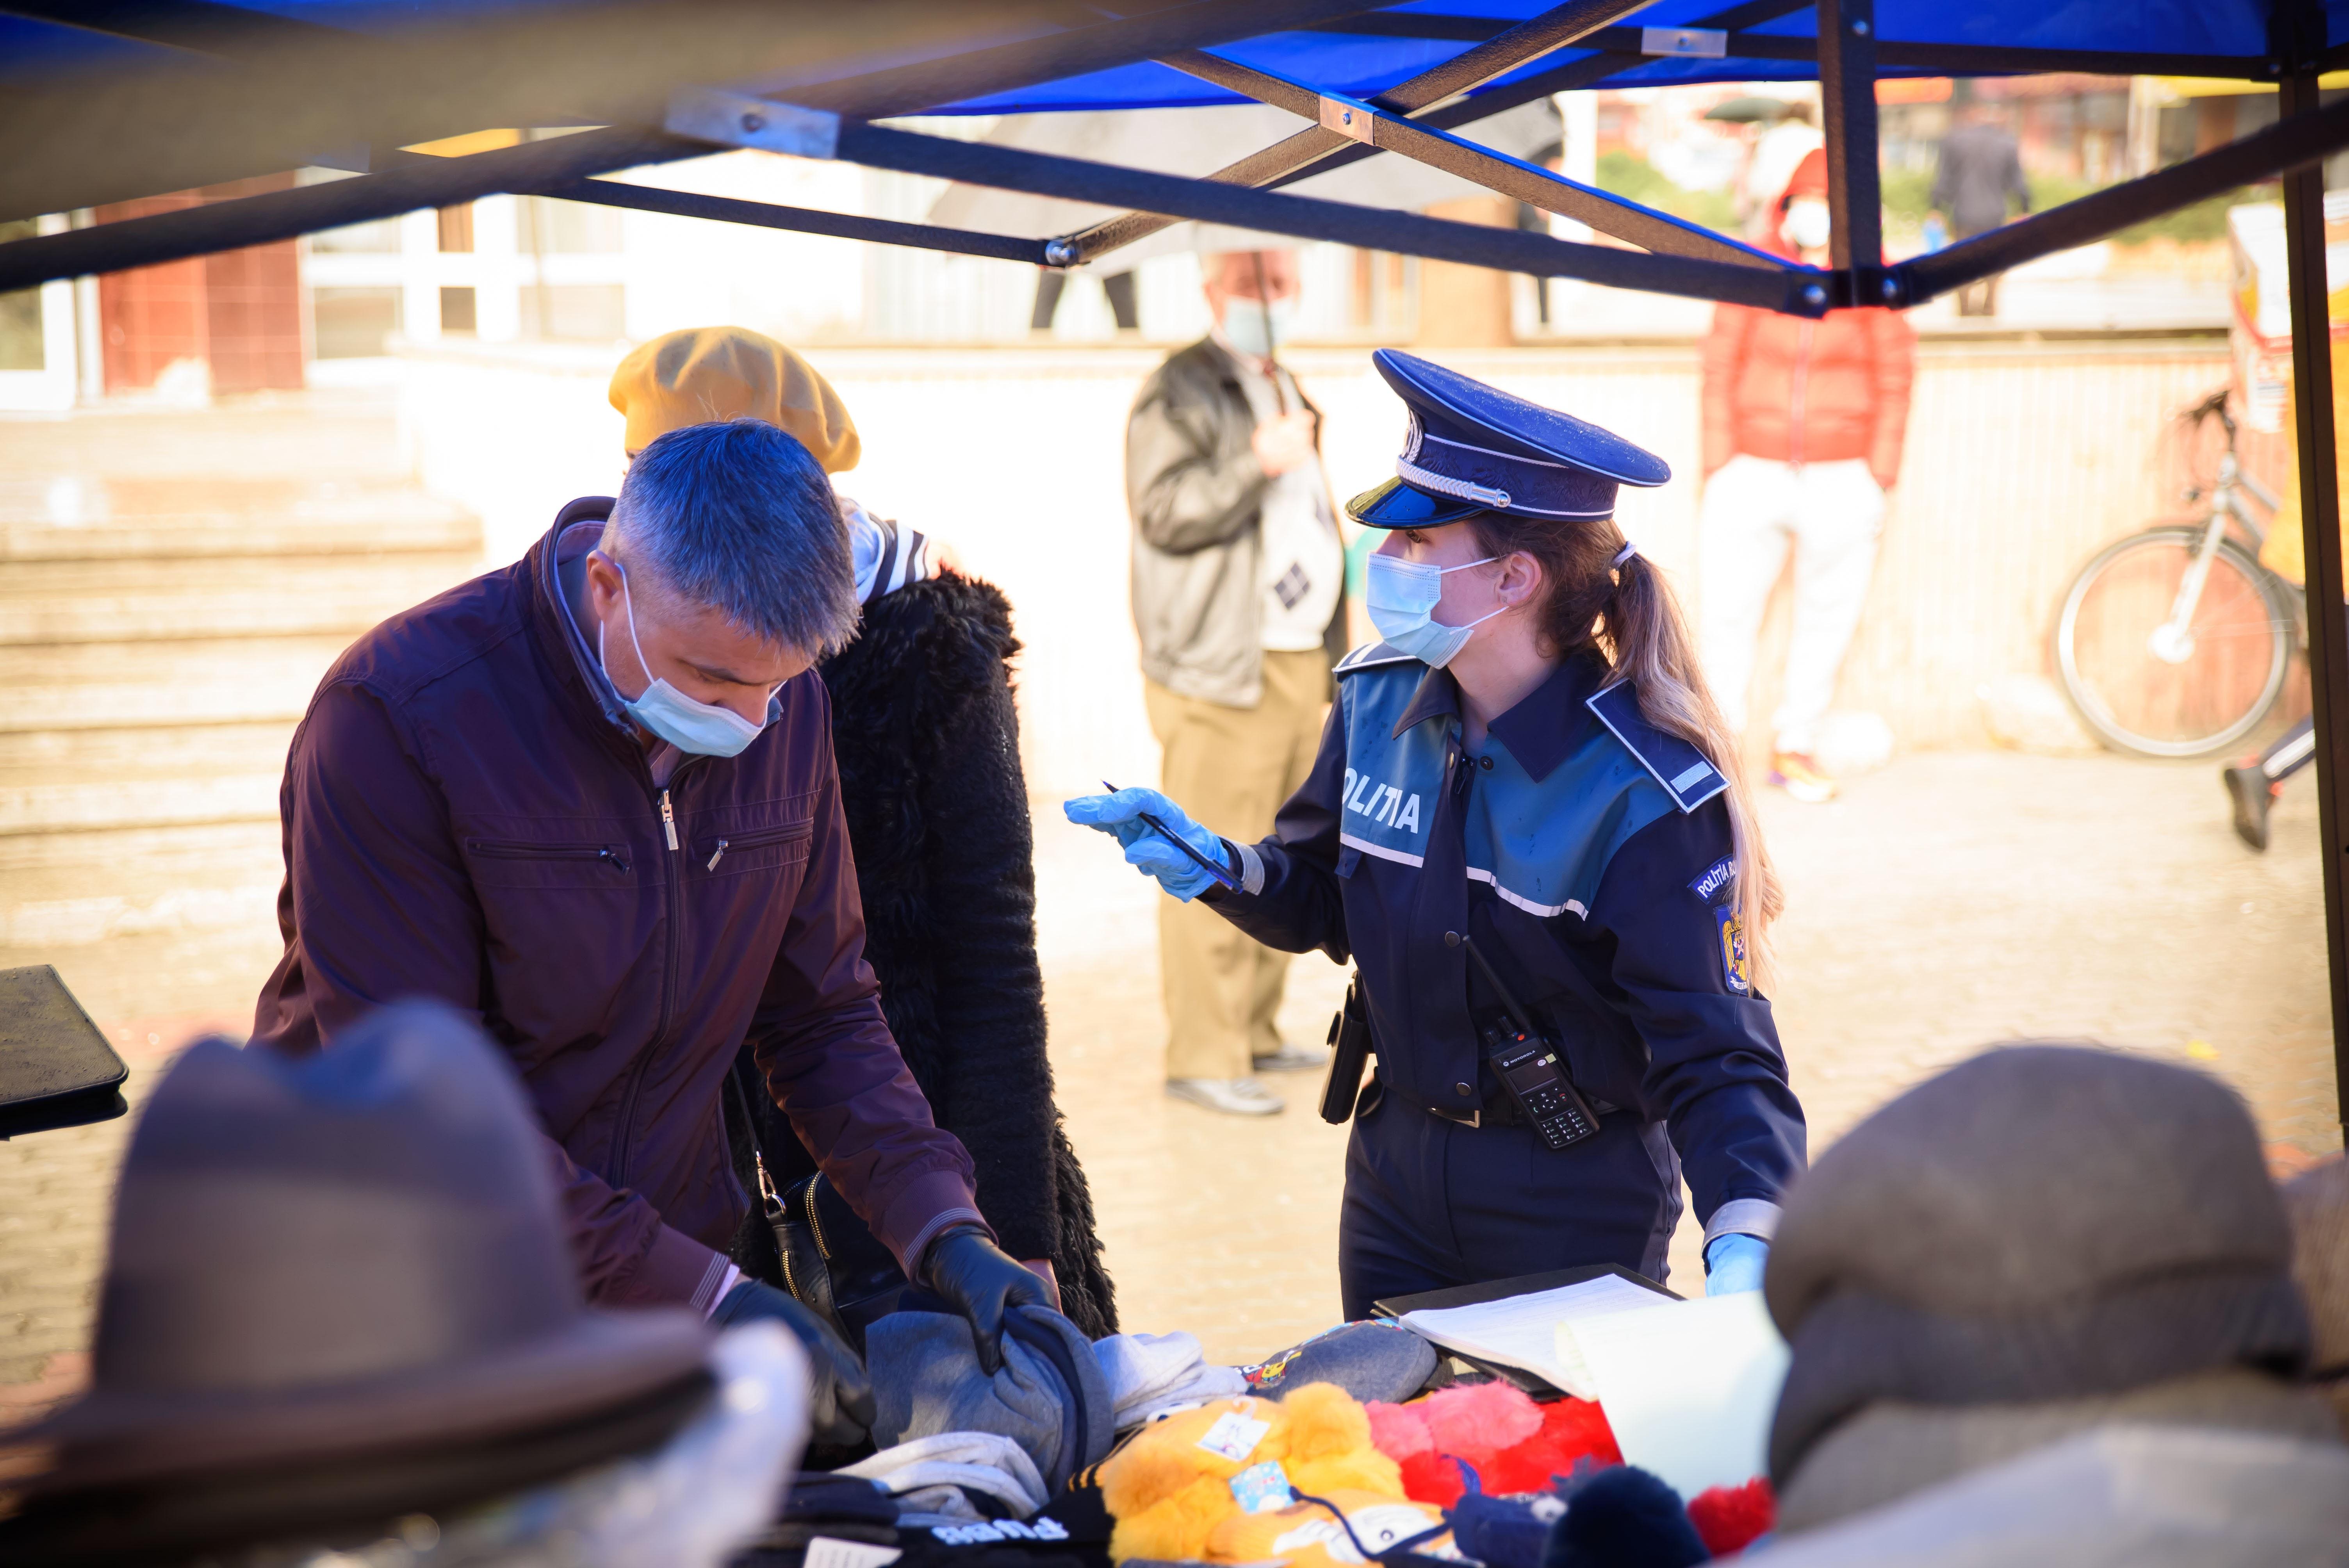 Amenzi de peste 50.000 de lei date în ultimele zile pentru nerespectarea măsurilor de protecţie sanitară